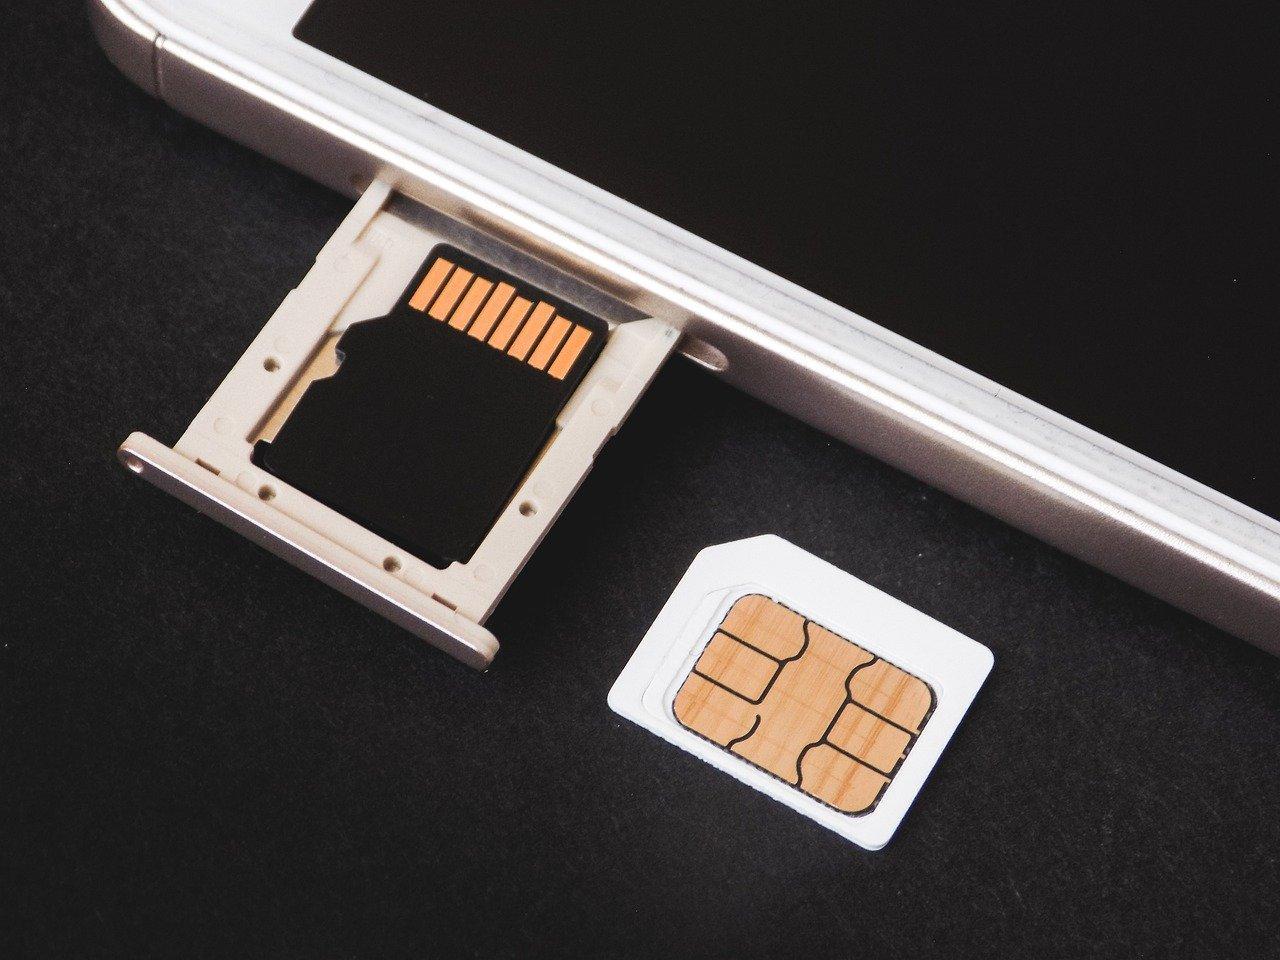 Как восстановить СД-карту на телефоне